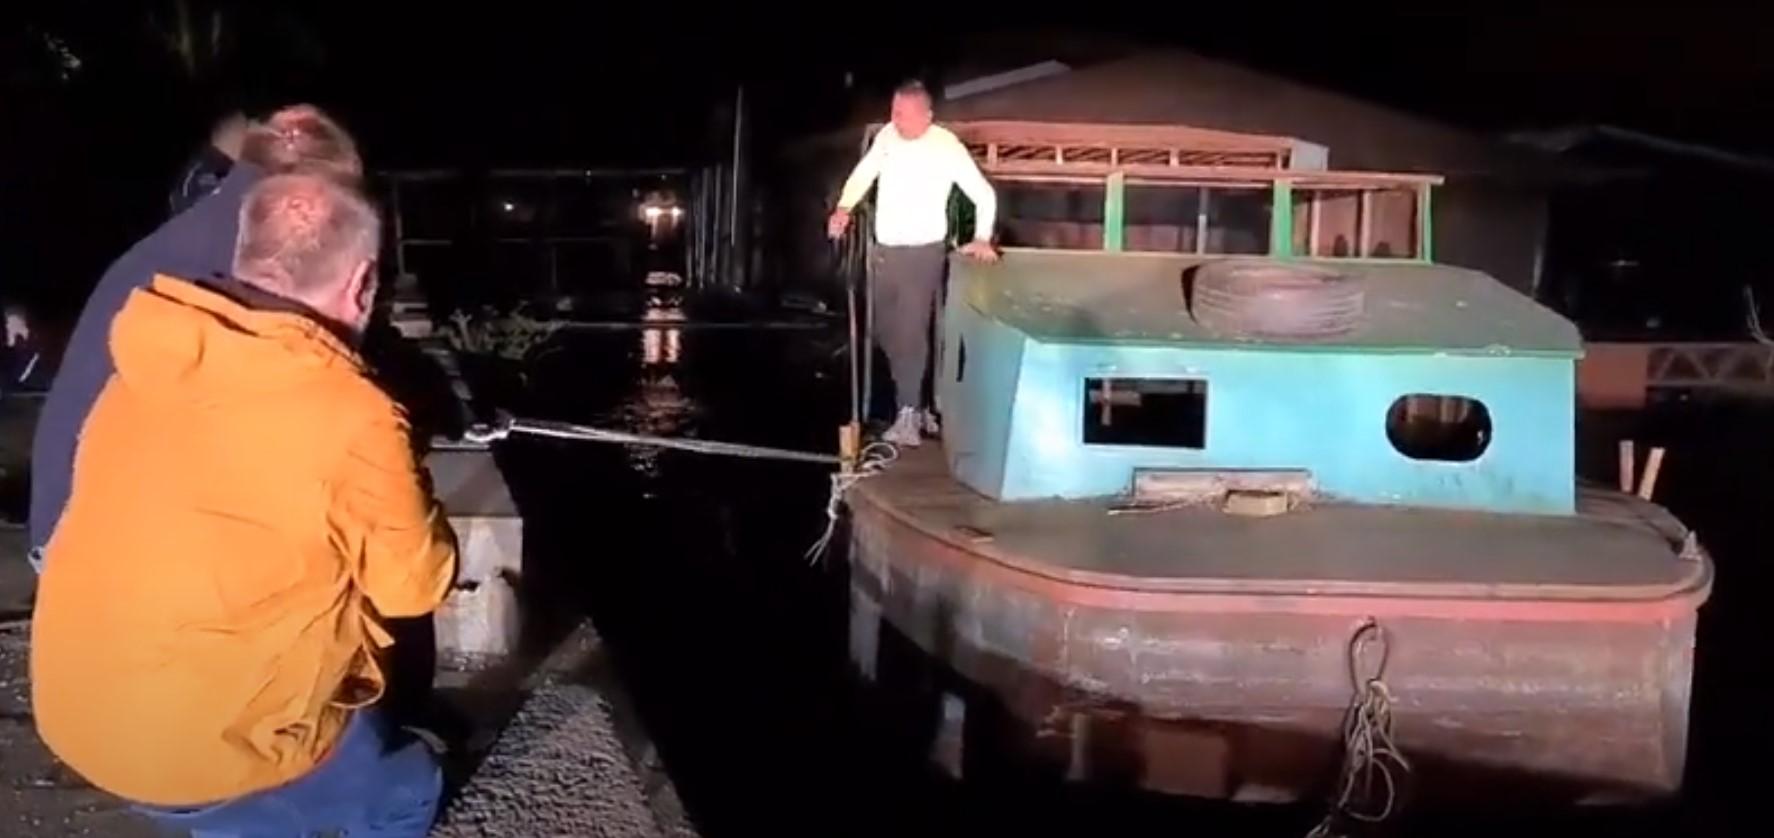 Tamiš brod